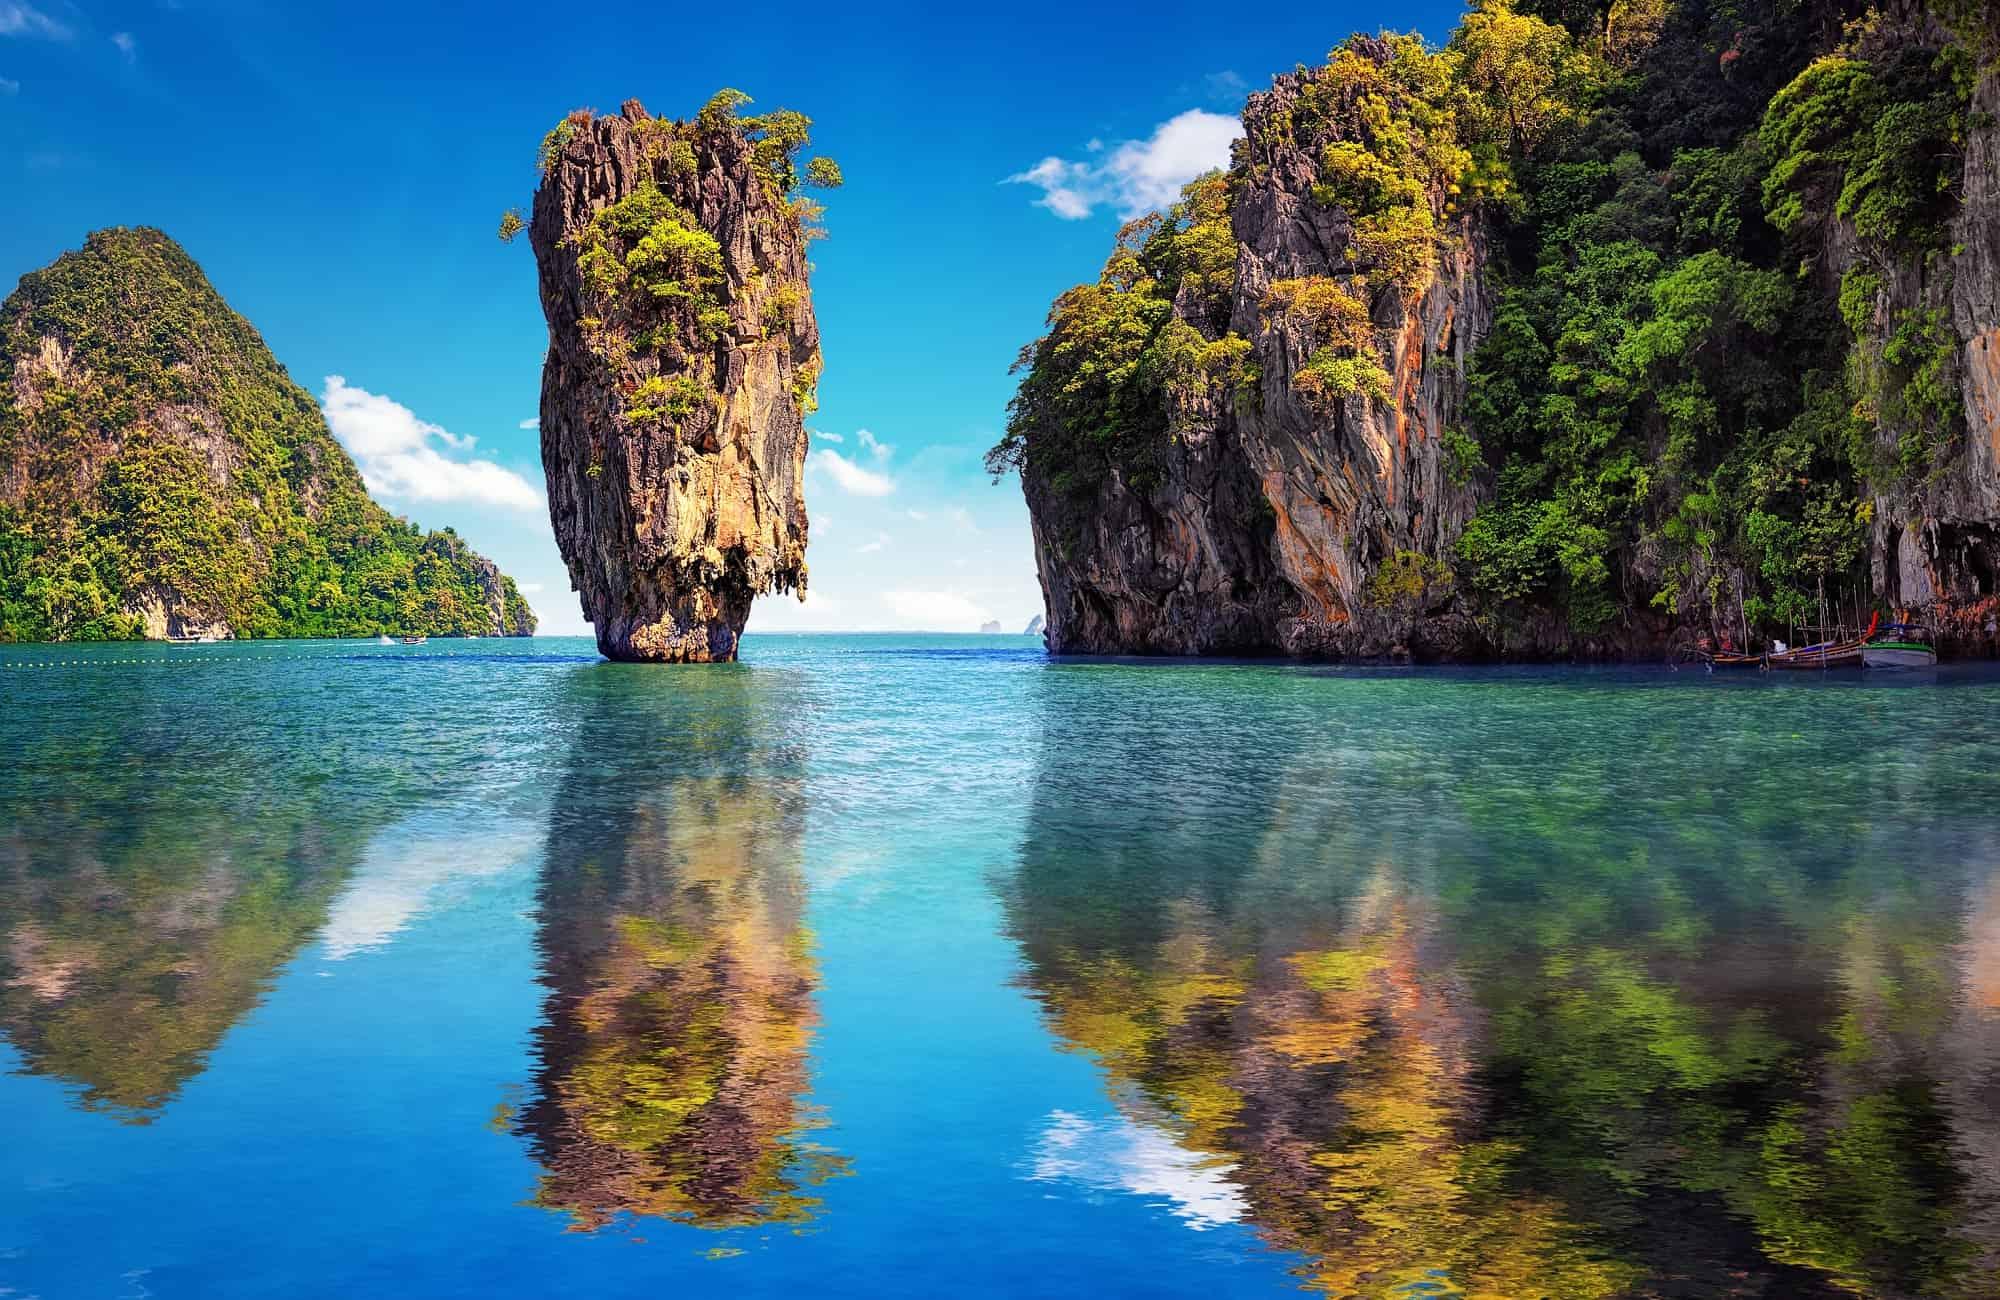 Rocher flottant de l'île James Bond sur la Baie de Phang Nga